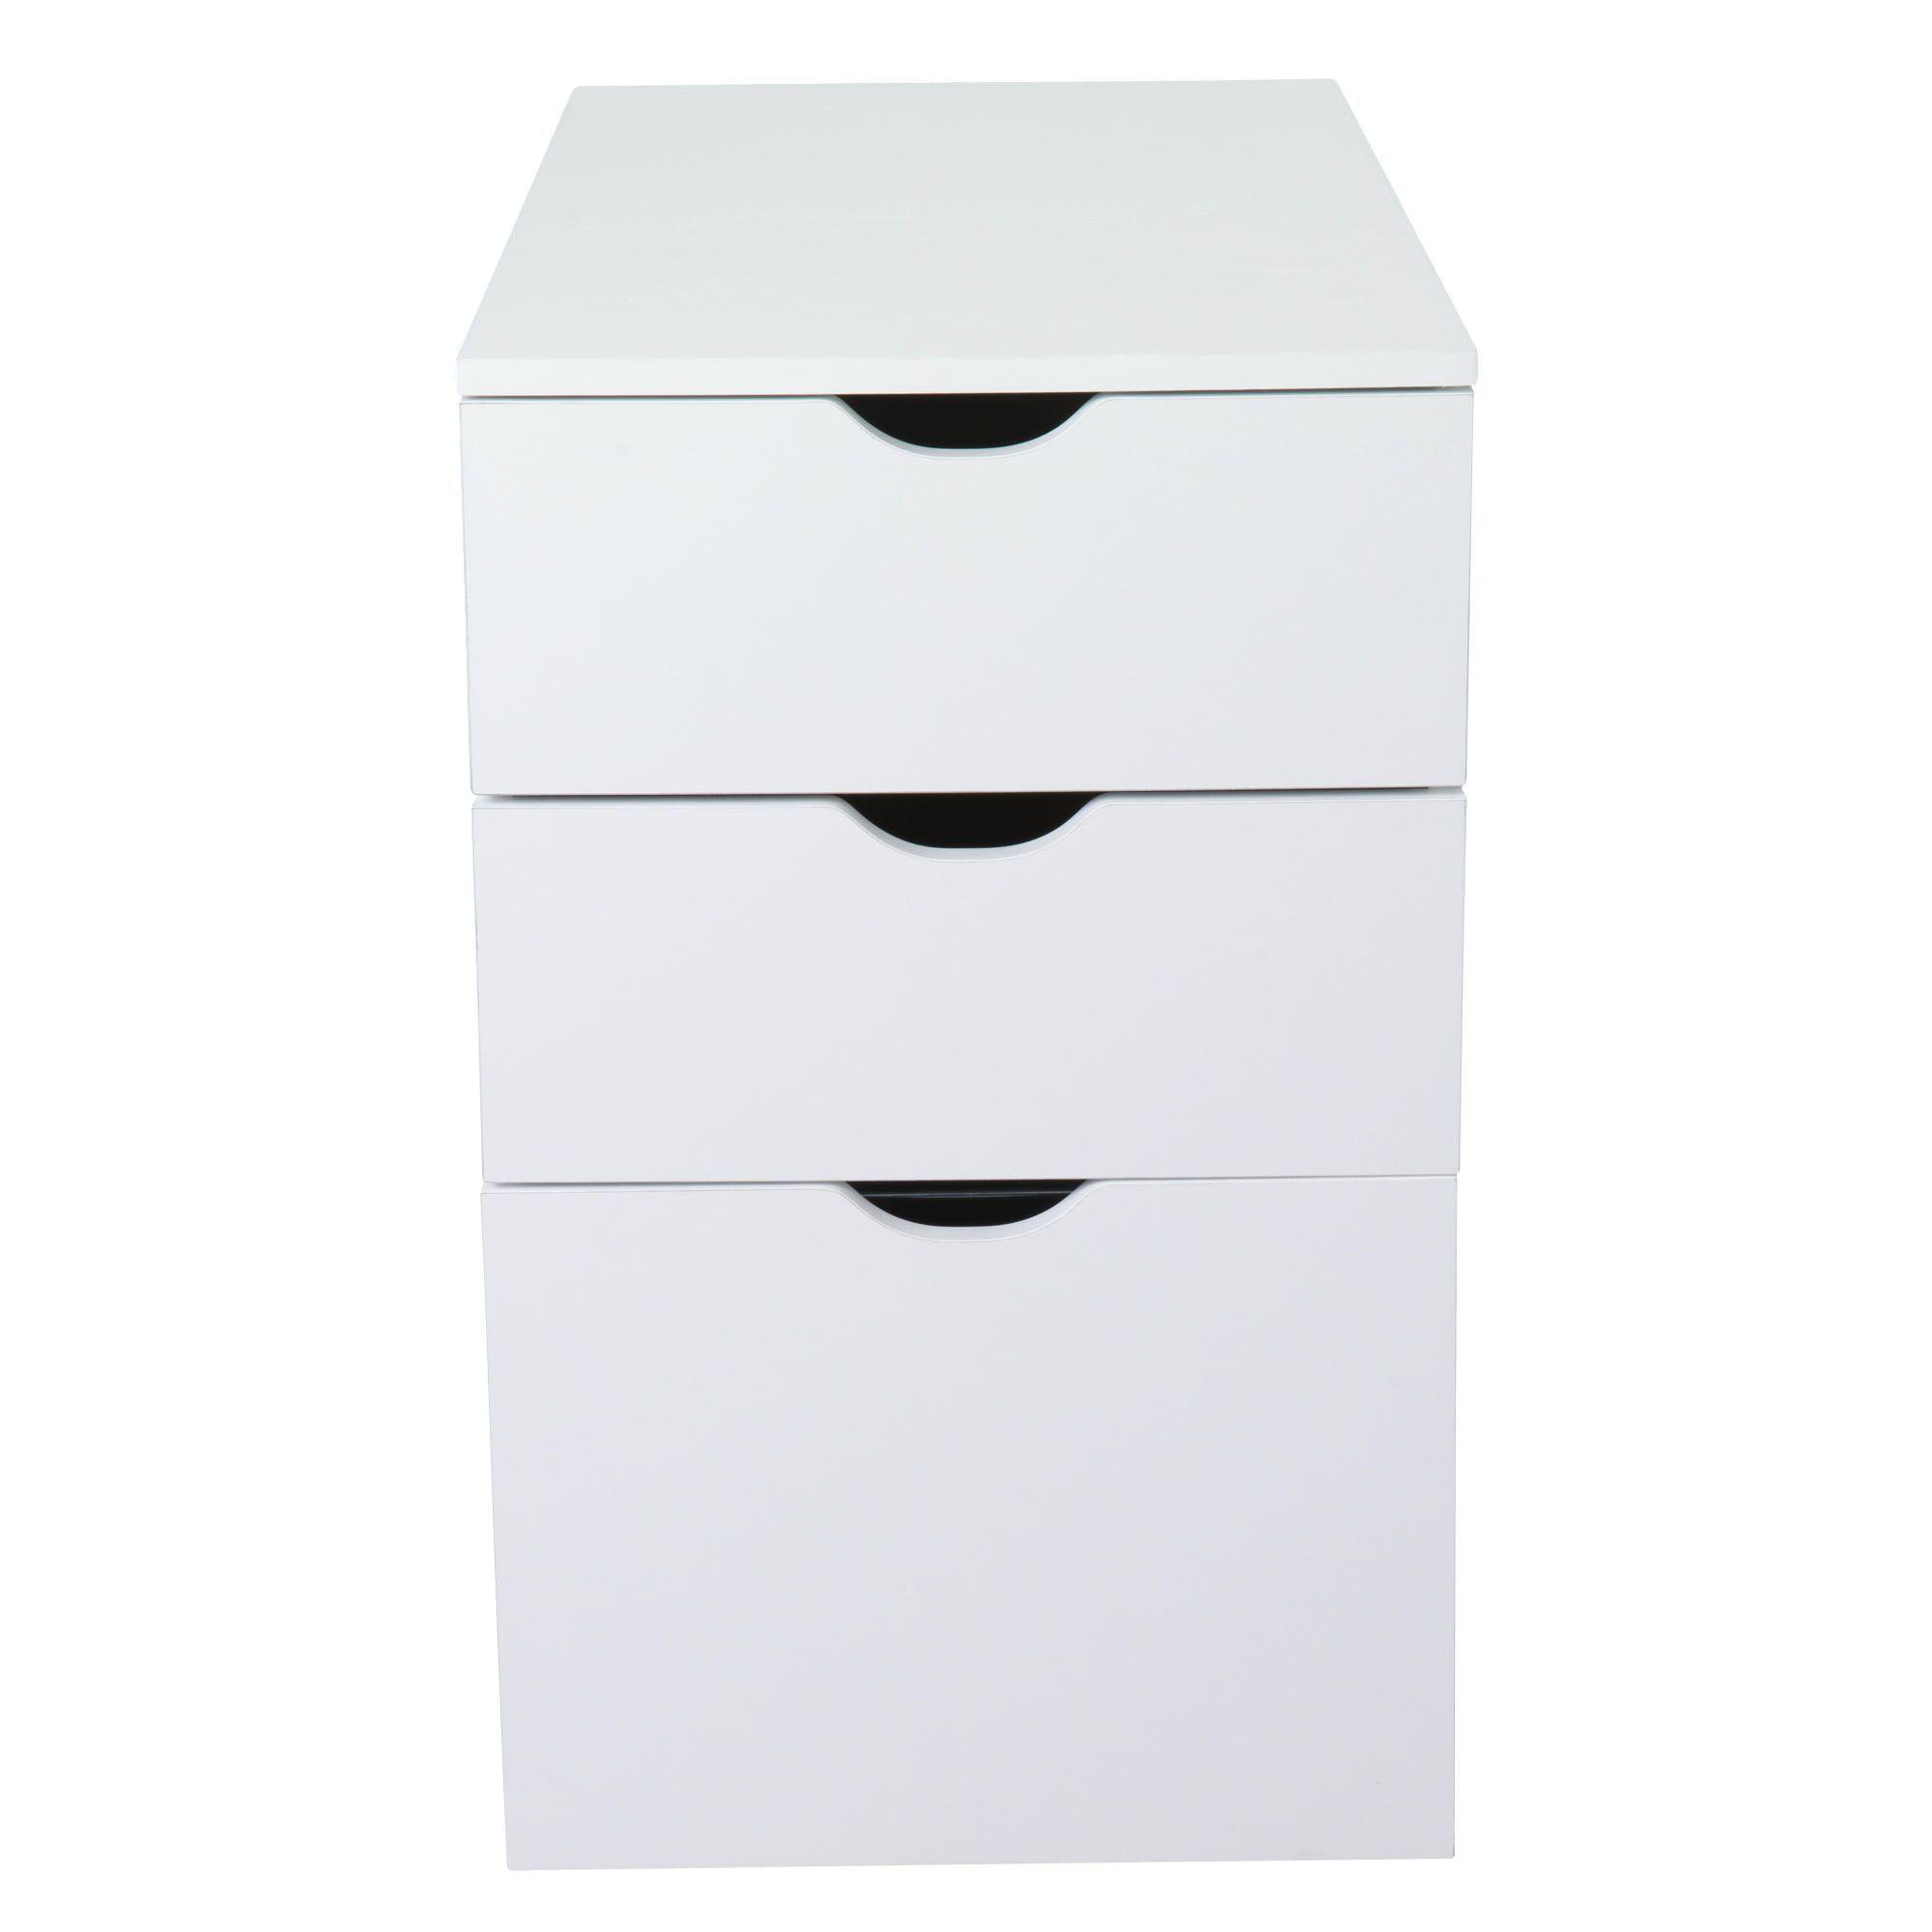 caisson de bureau 3 tiroirs blanc l30xh70xp70cm gothan les plateaux et tr teaux les. Black Bedroom Furniture Sets. Home Design Ideas